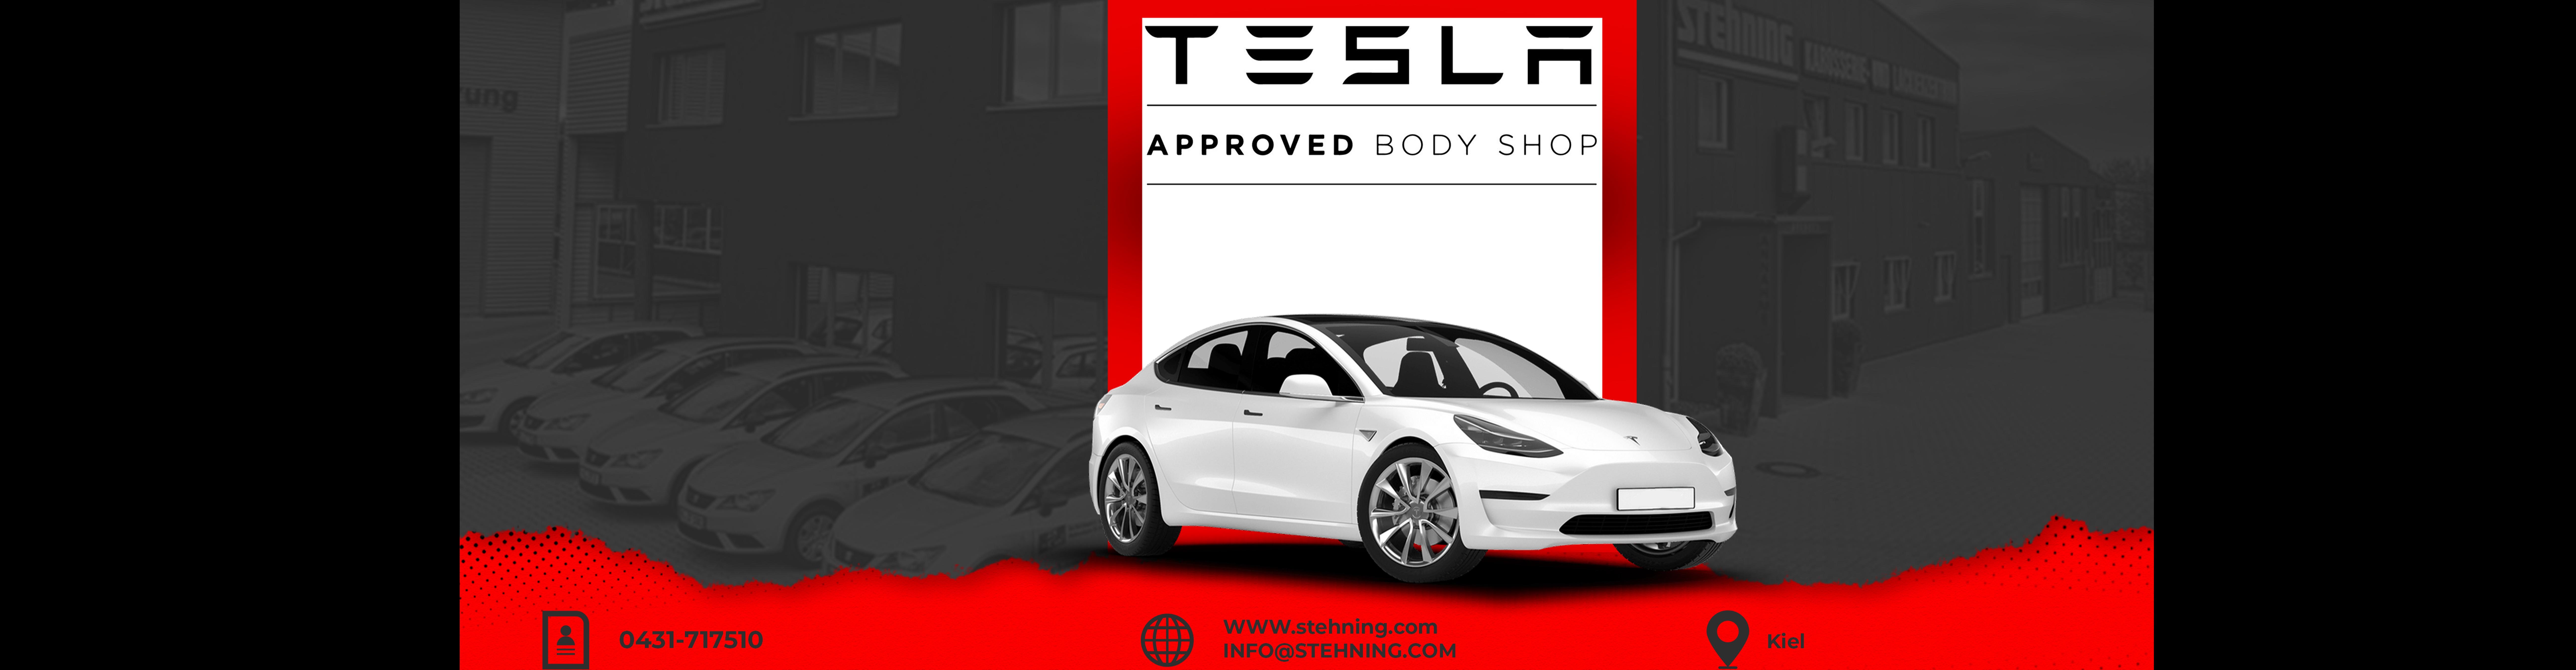 Header_Tesla_Red_1